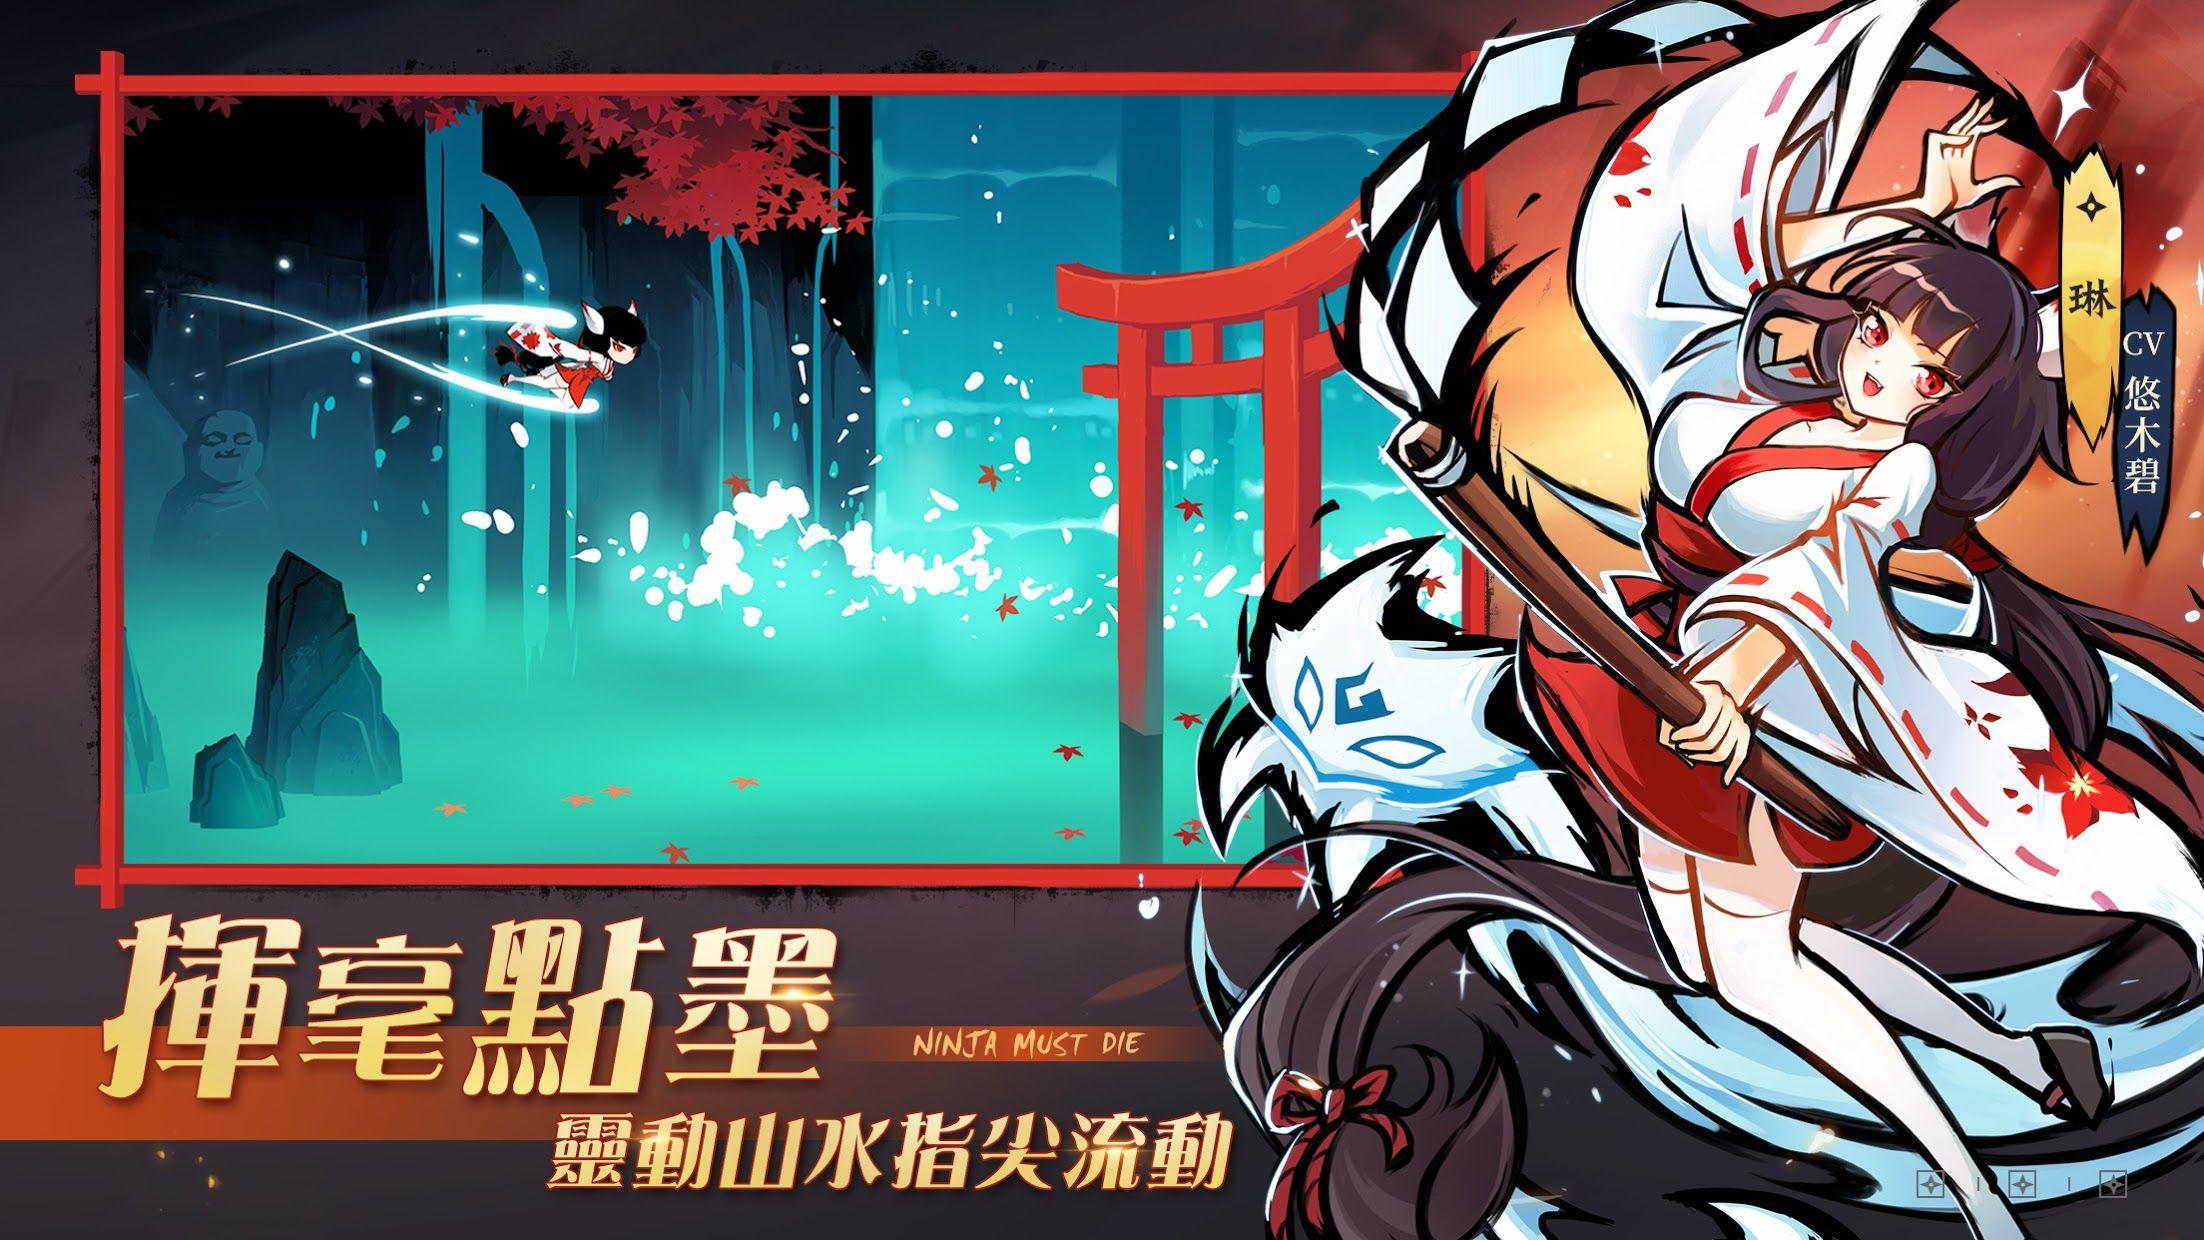 忍者必须死(国际服) 游戏截图2